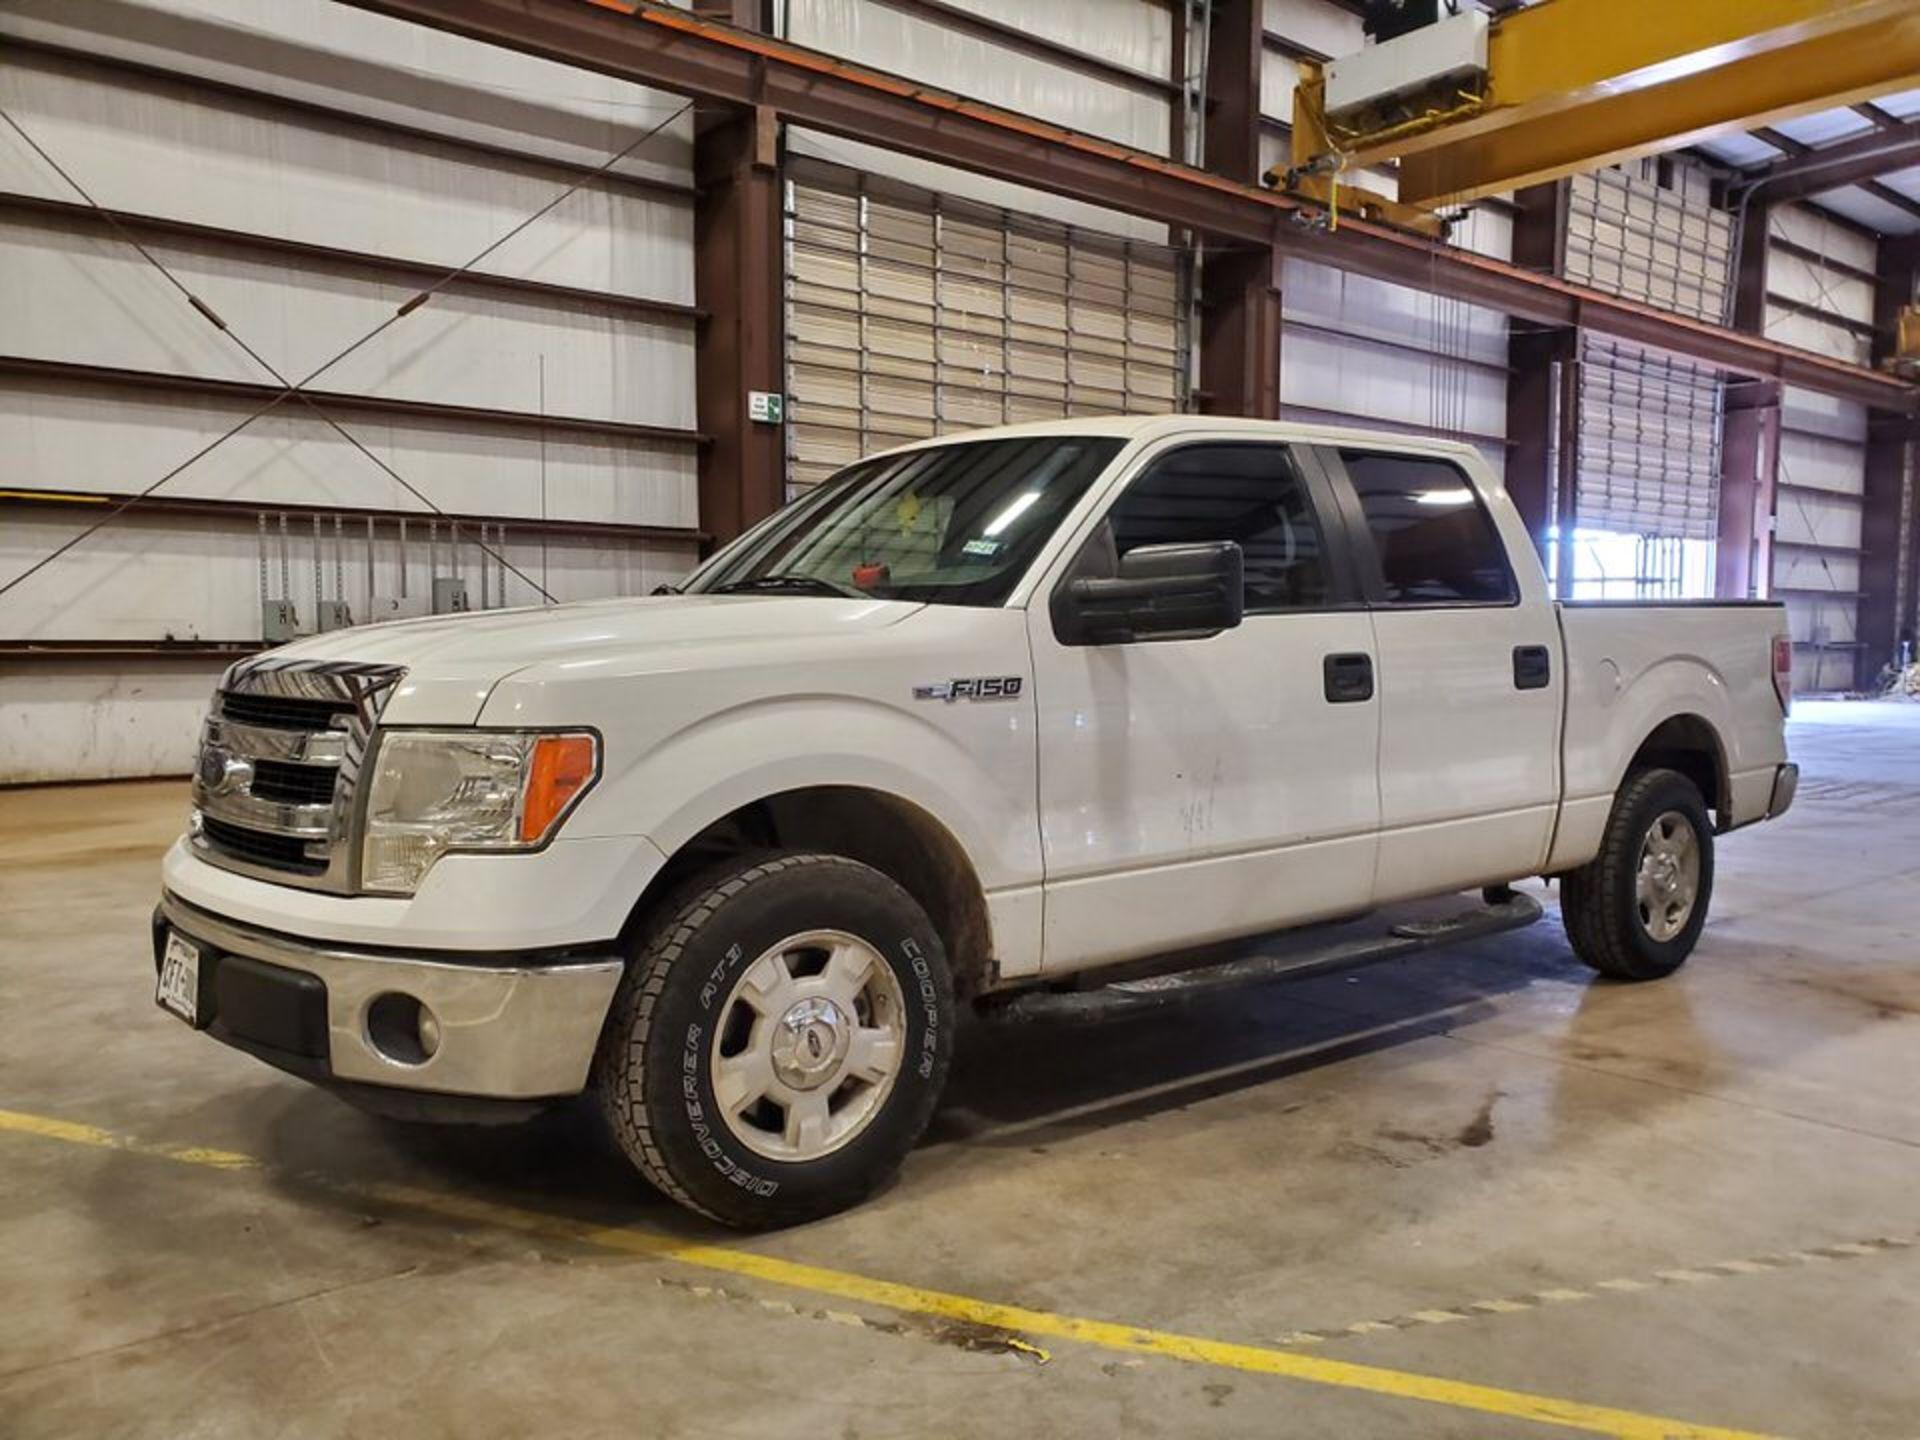 2013 Ford F150 Pickup Vin: 1FTFW1CF0DKF14097, TX Plates: CFT 3081, W/ 6.2L Engine